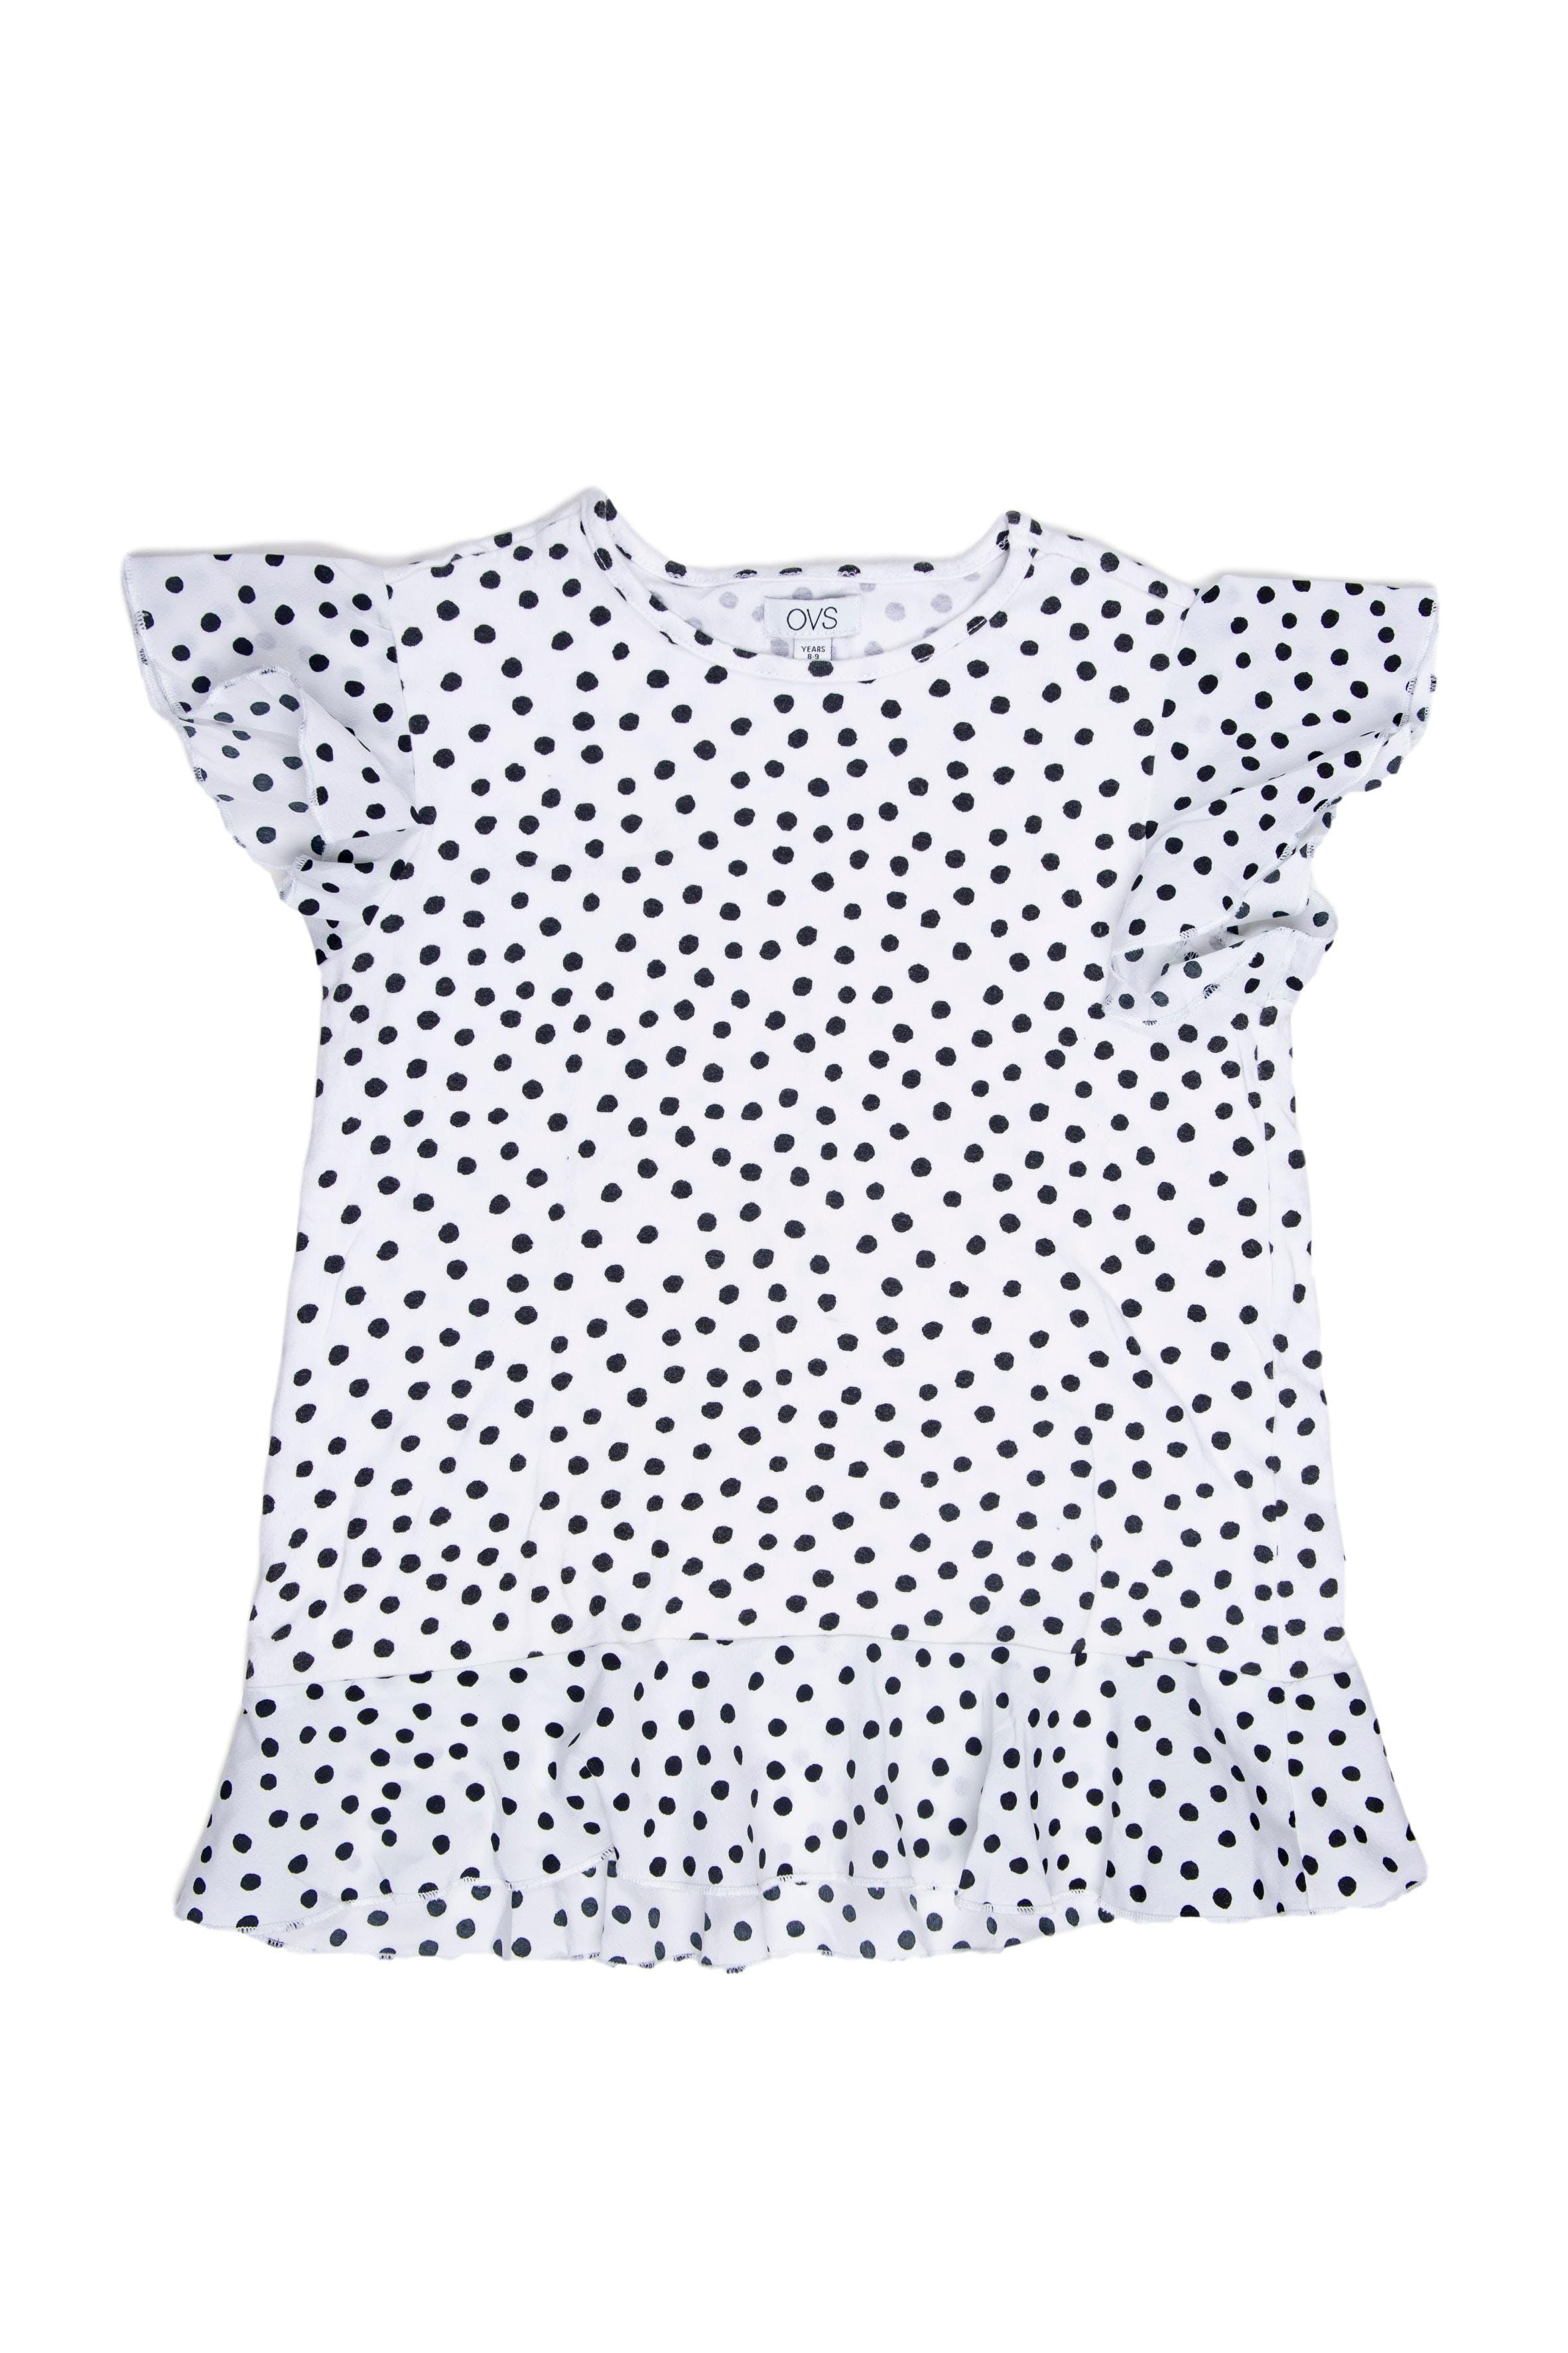 Polo blanco con puntos negros, tela elástica. Mangas y basta con blonda de tela. Talla en etiqueta: 8 - 9 años - Ovs